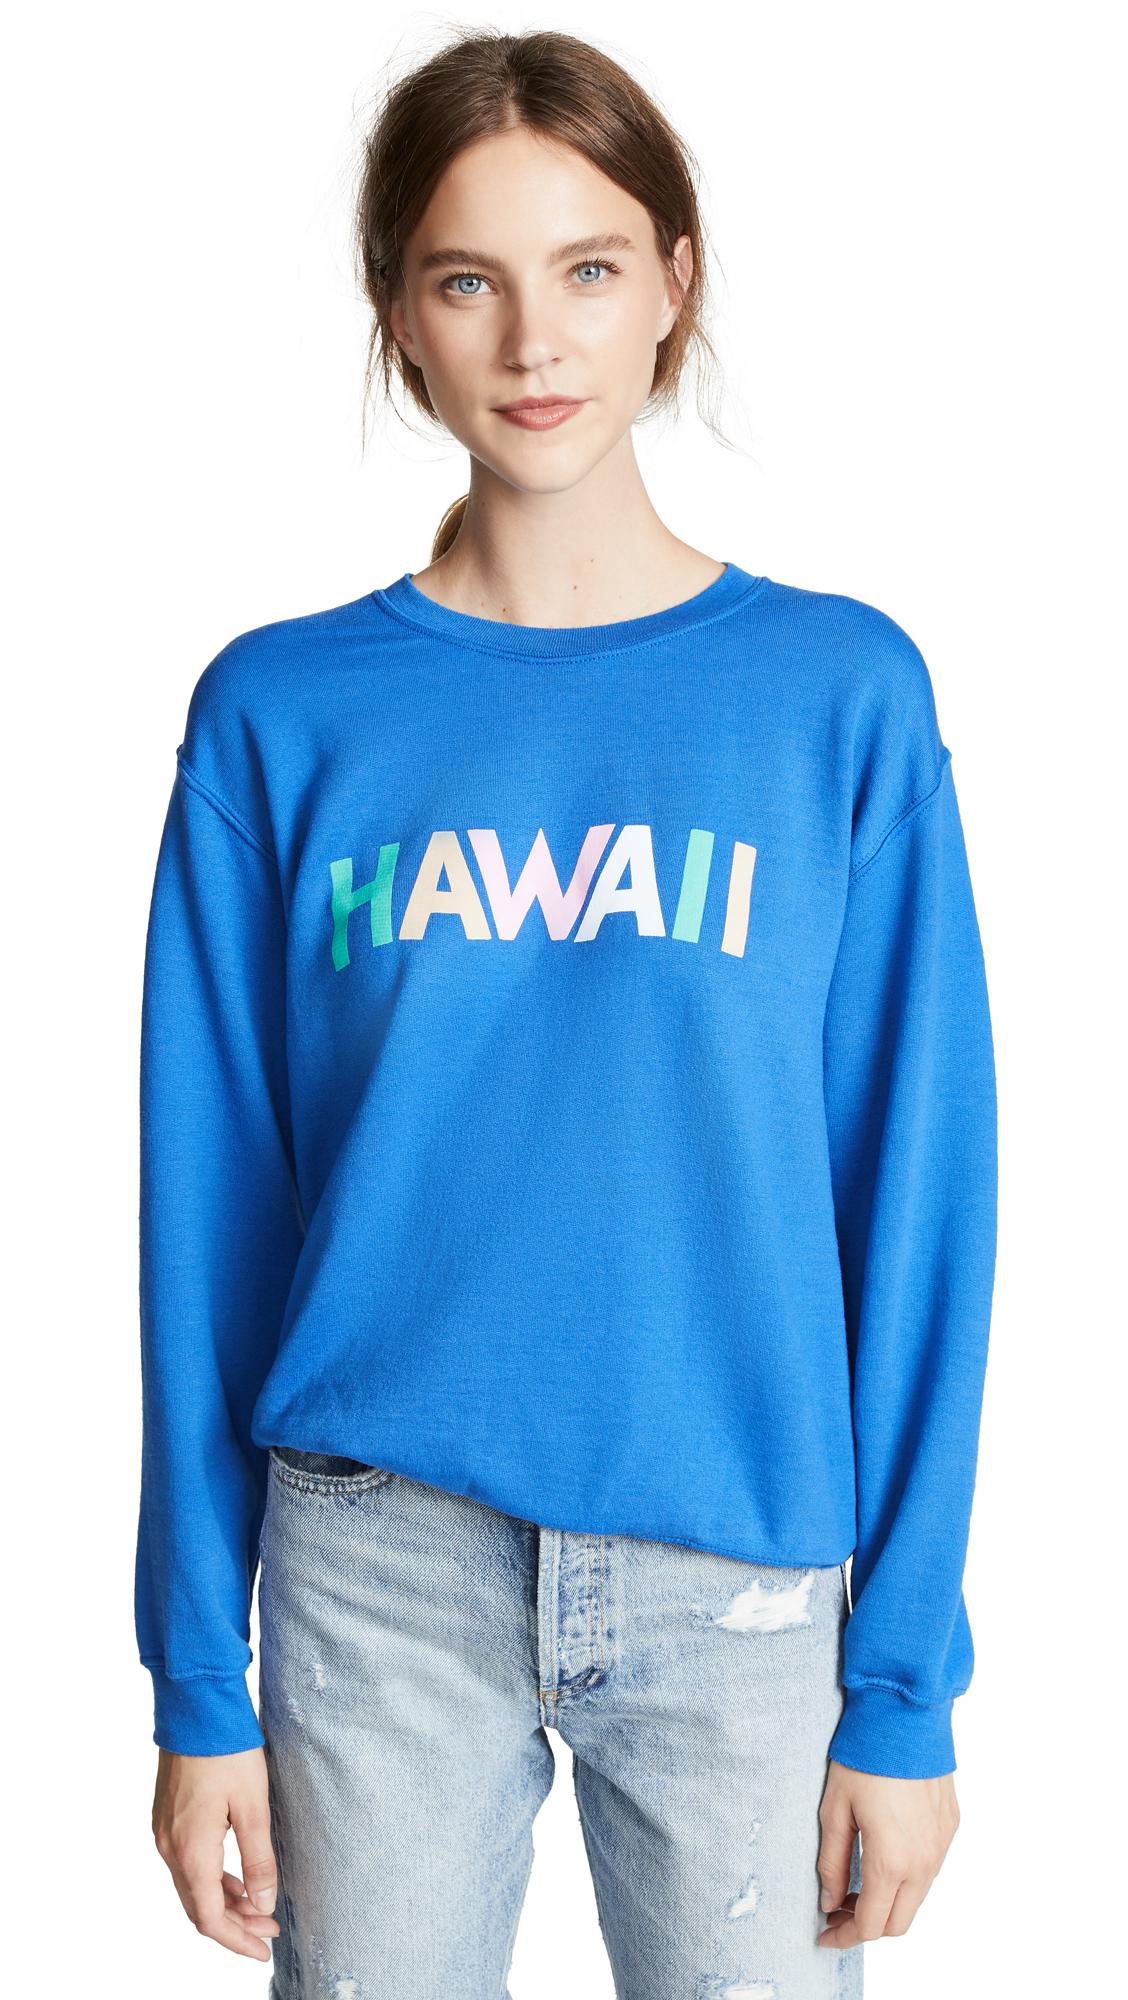 RXMANCE Hawaii Sweatshirt in Royal